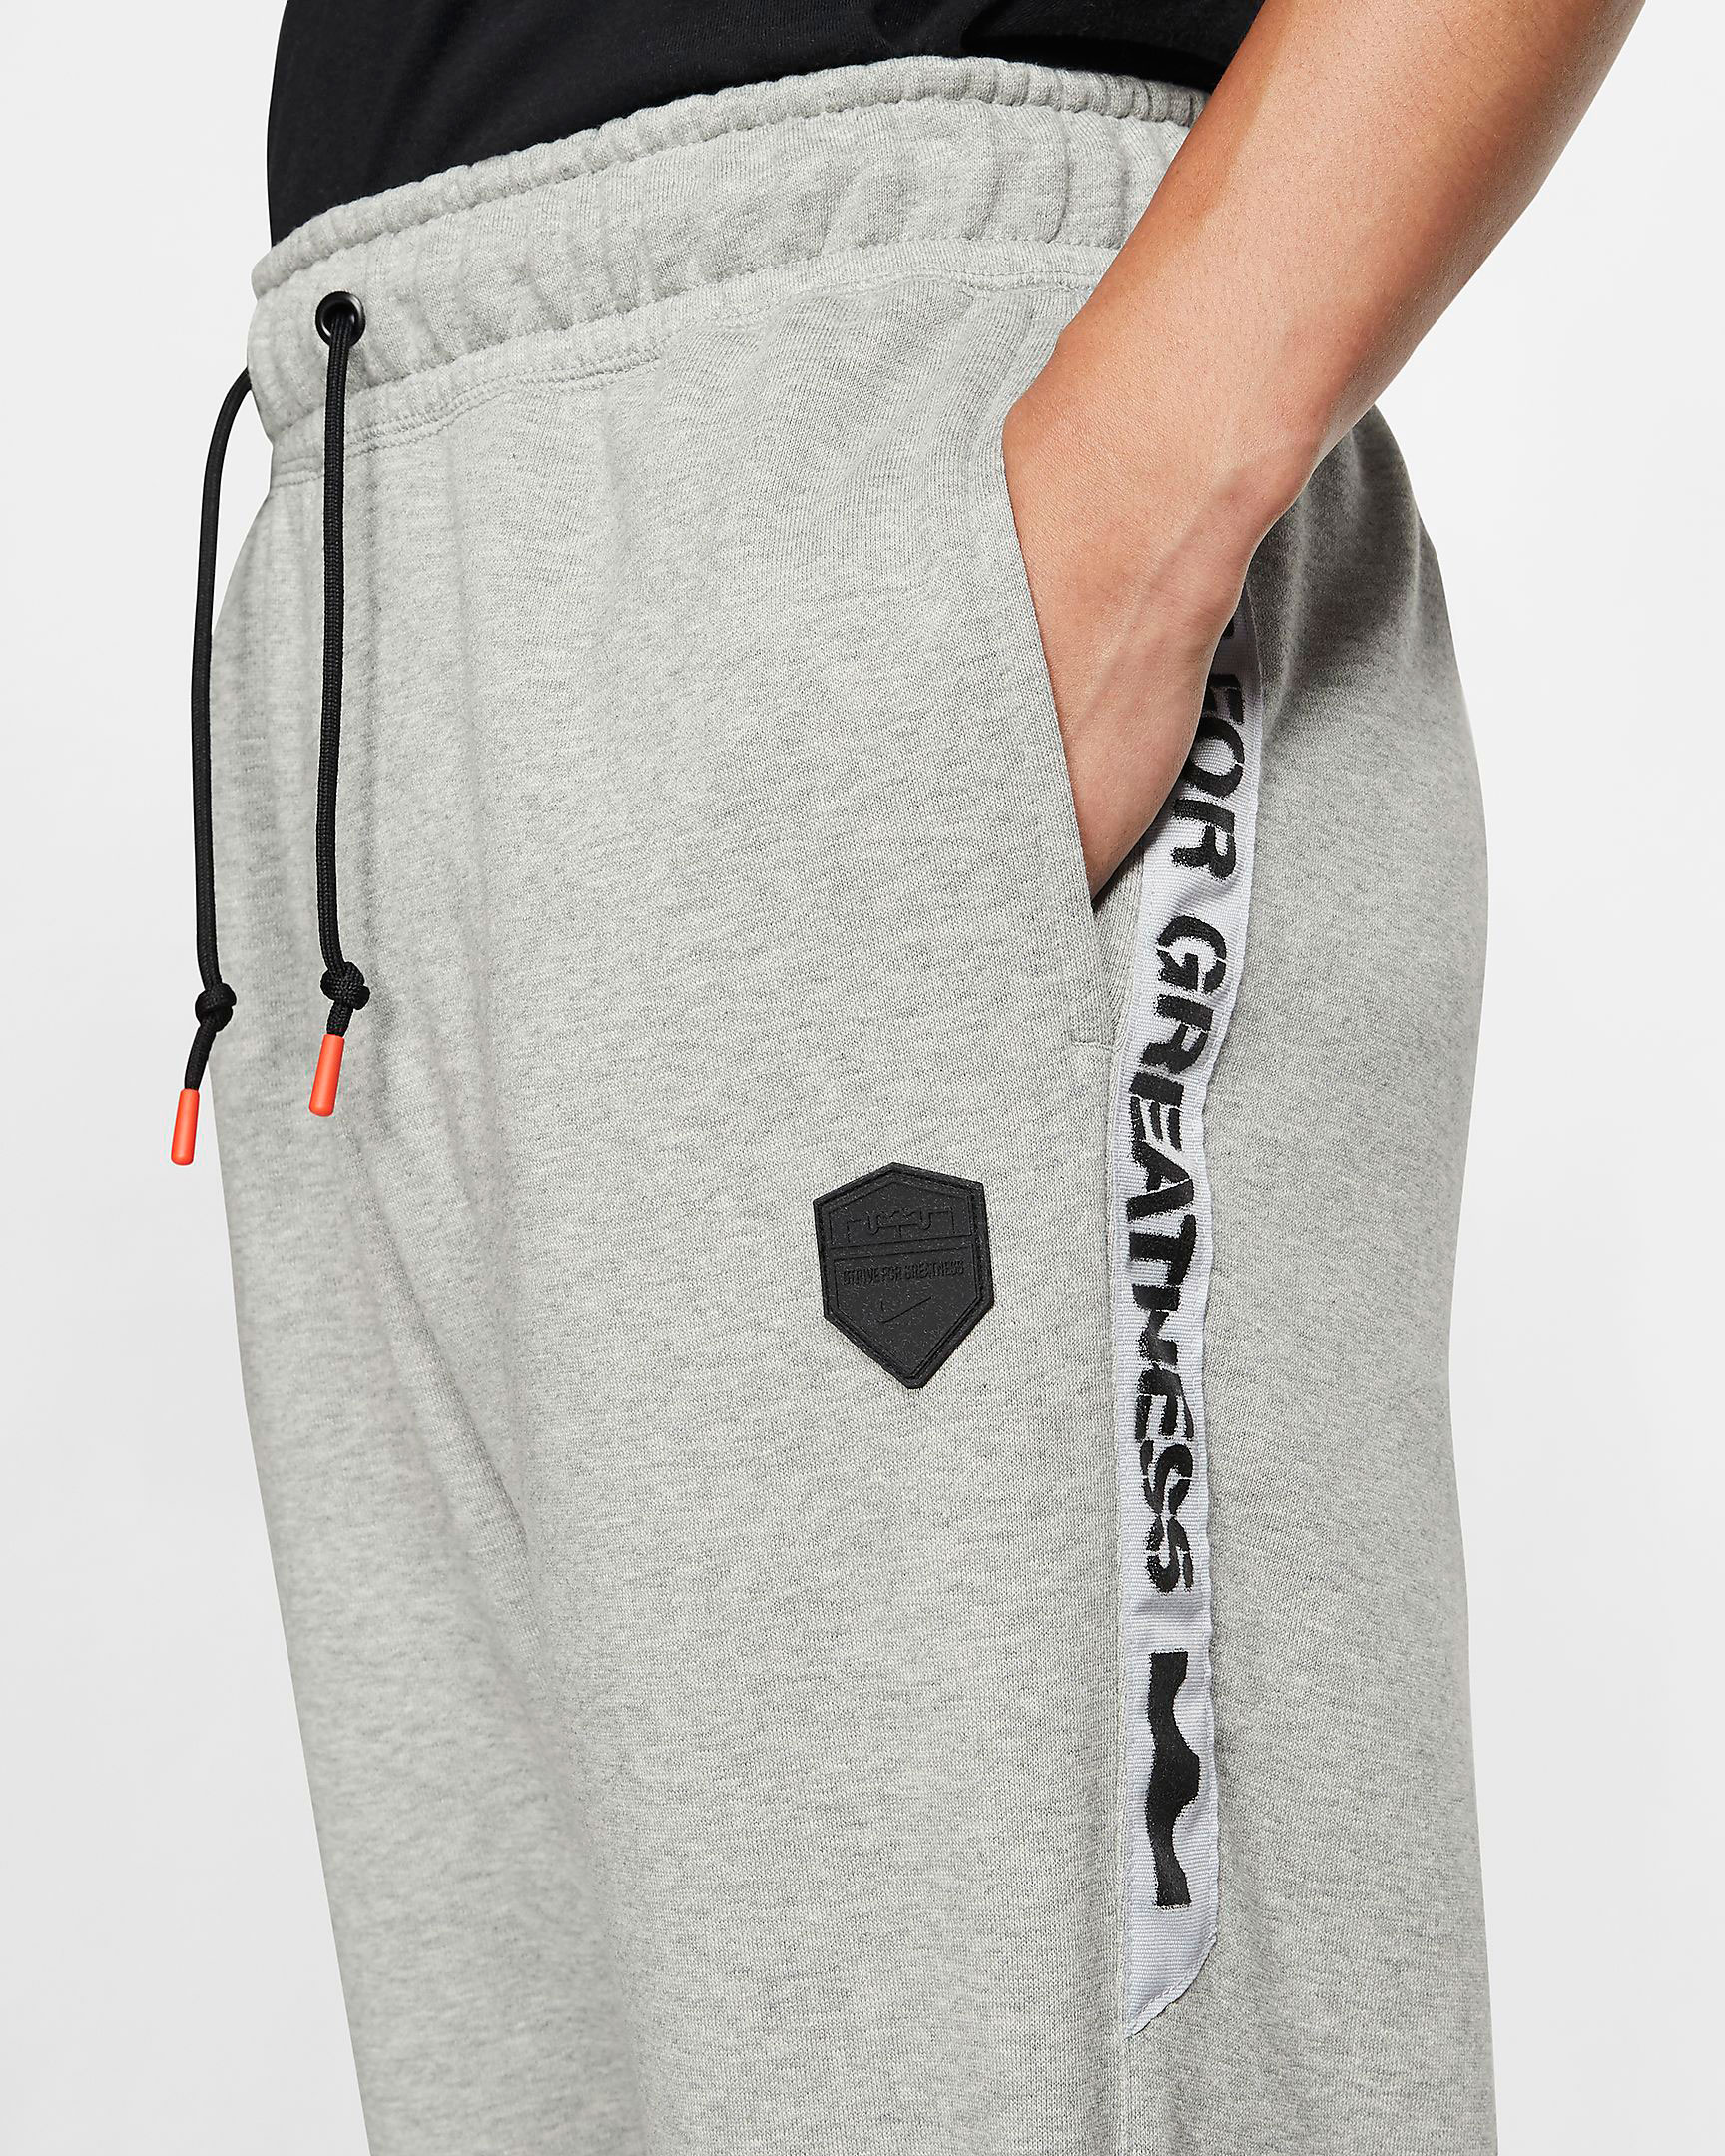 nike-lebron-17-black-white-pants-match-2